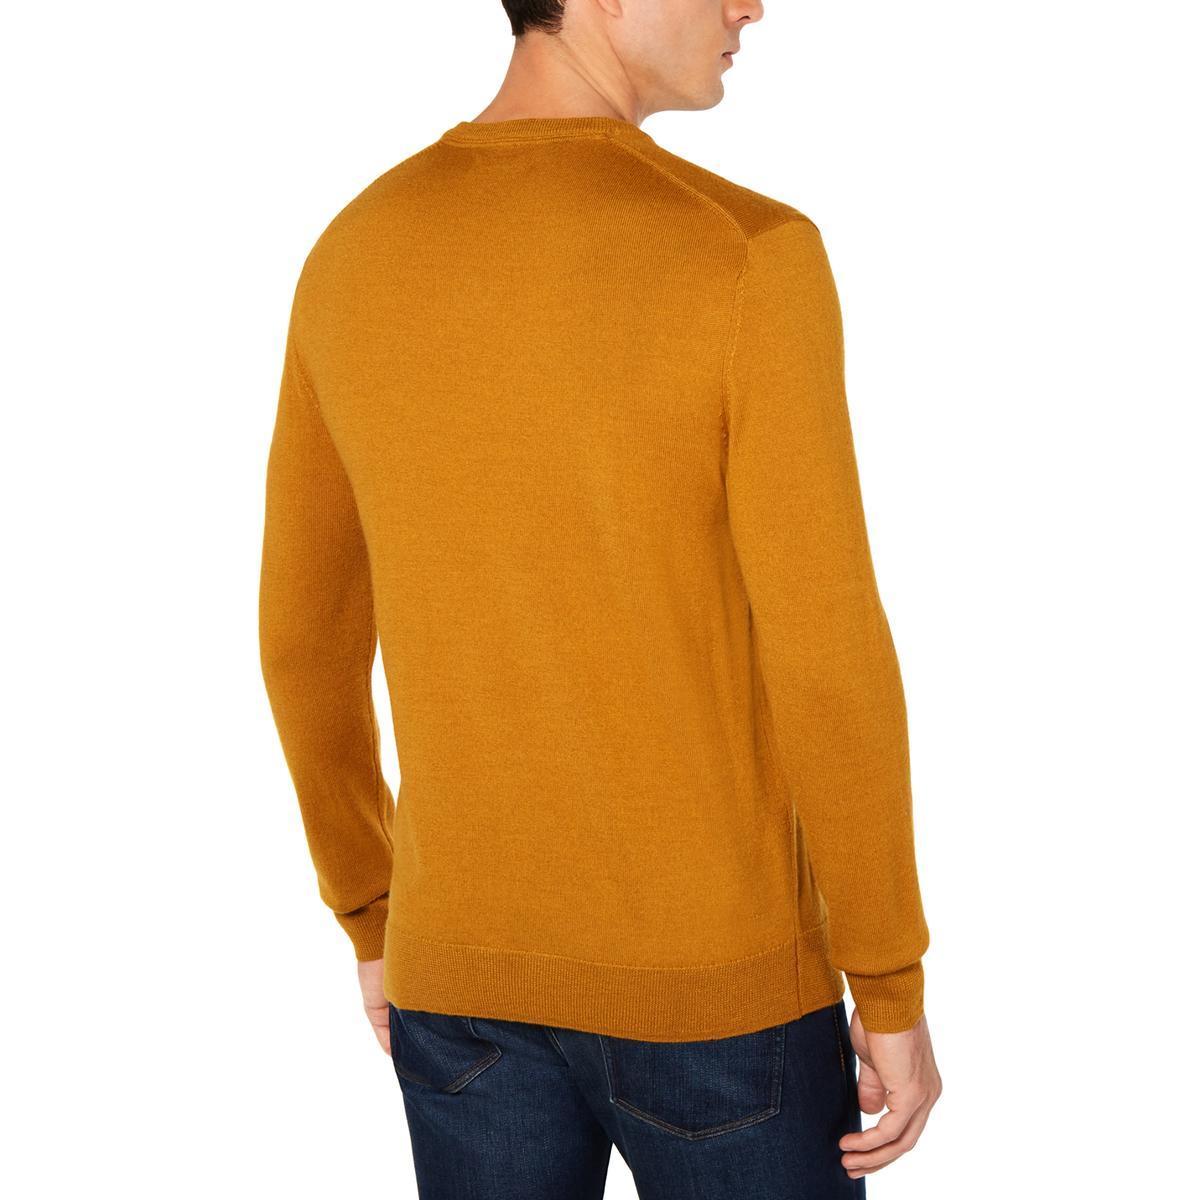 Club-Room-Men-039-s-Merino-Wool-Long-Sleeve-V-Neck-Pullover-Sweater miniatura 7